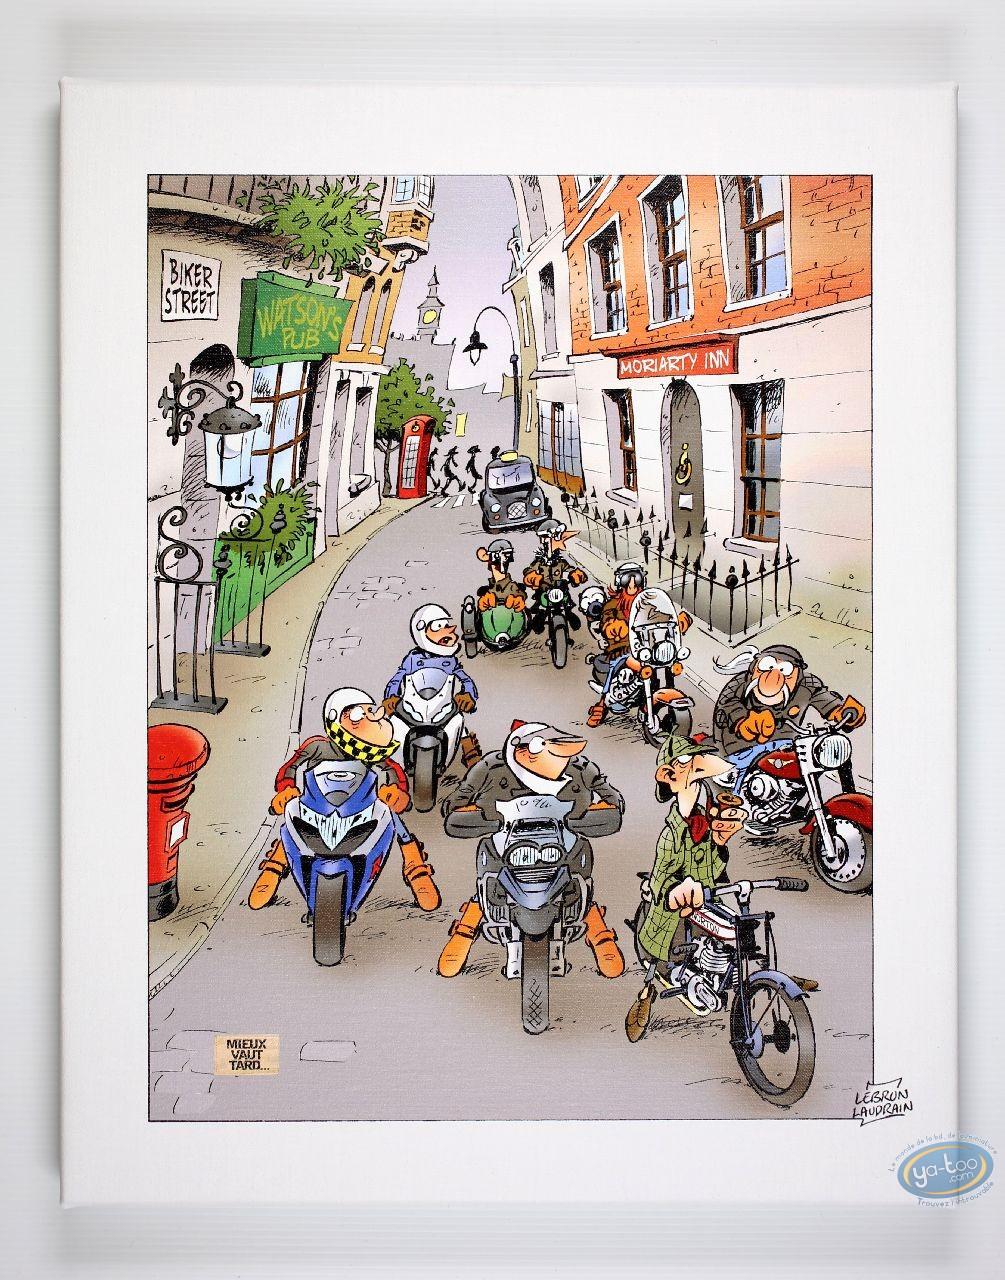 Impression sur toile, Mieux vaut tard : Biker Street